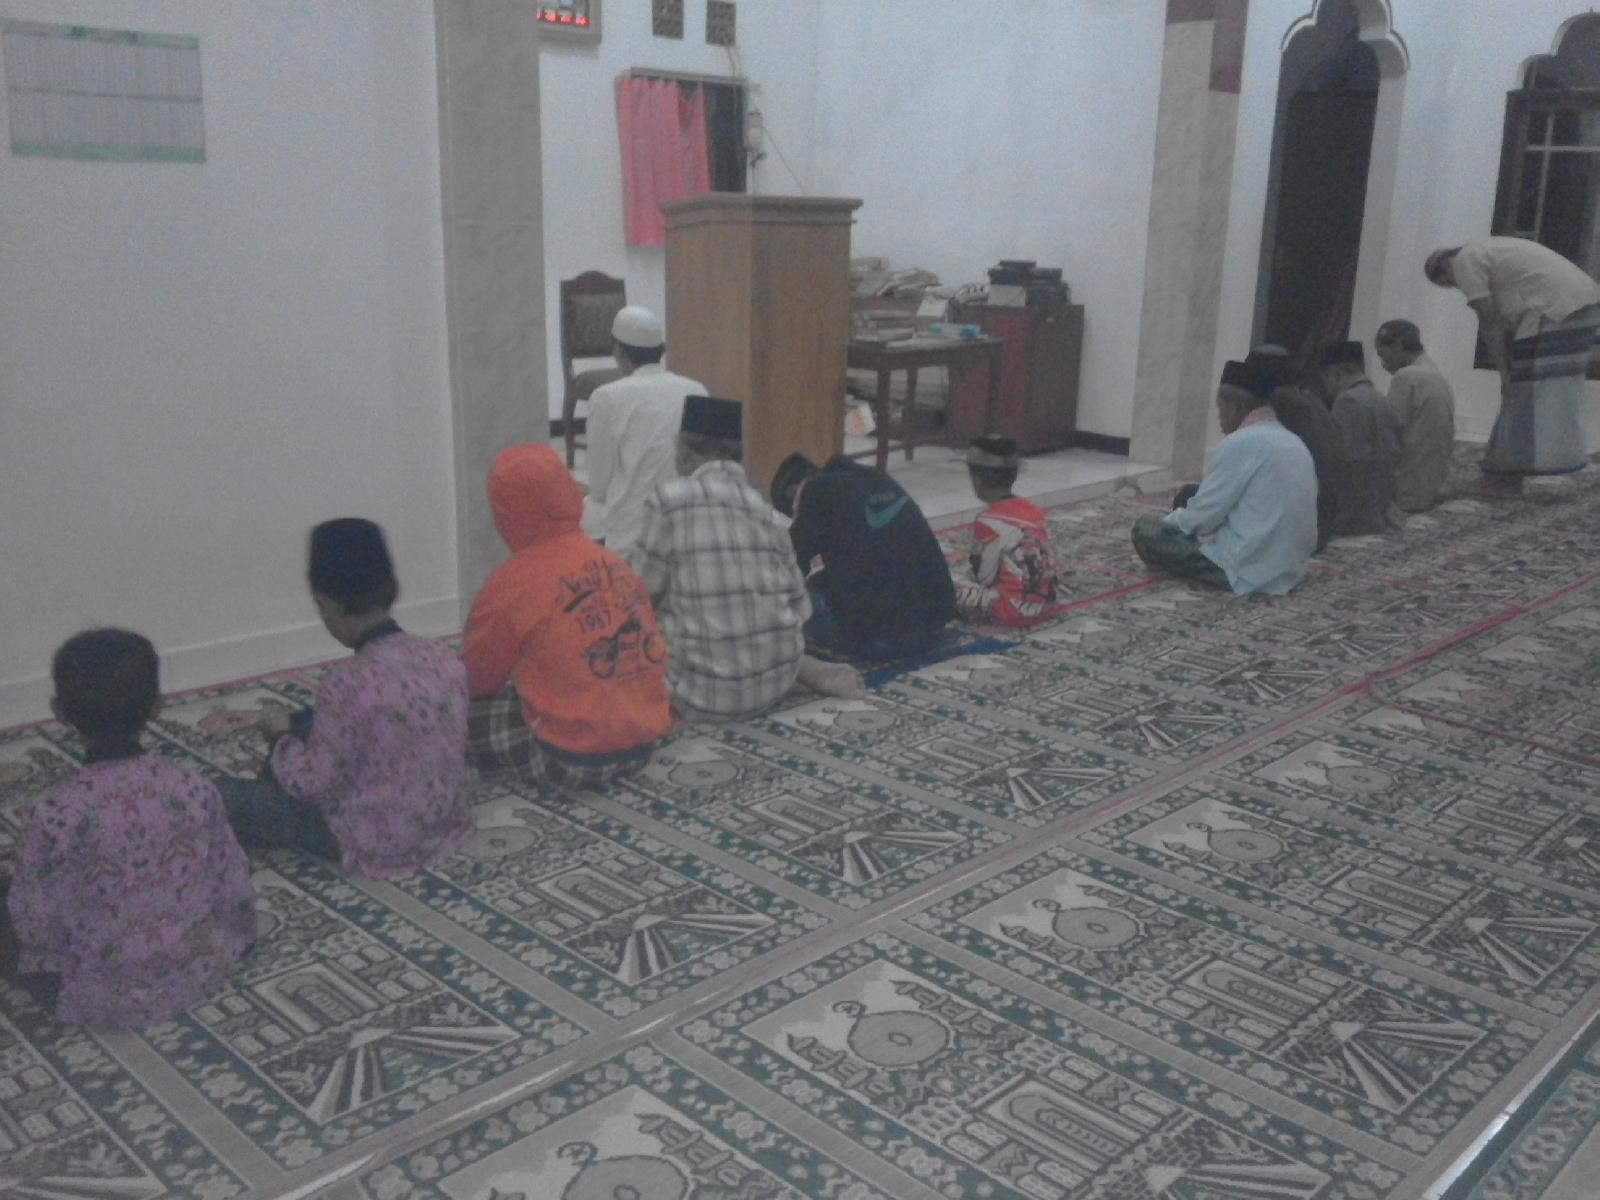 Subuh Berjama'ah Siswa TPA ( Taman Pendidikan Alqur'an ) Masjid Nurul Iman Desa Lmusgede